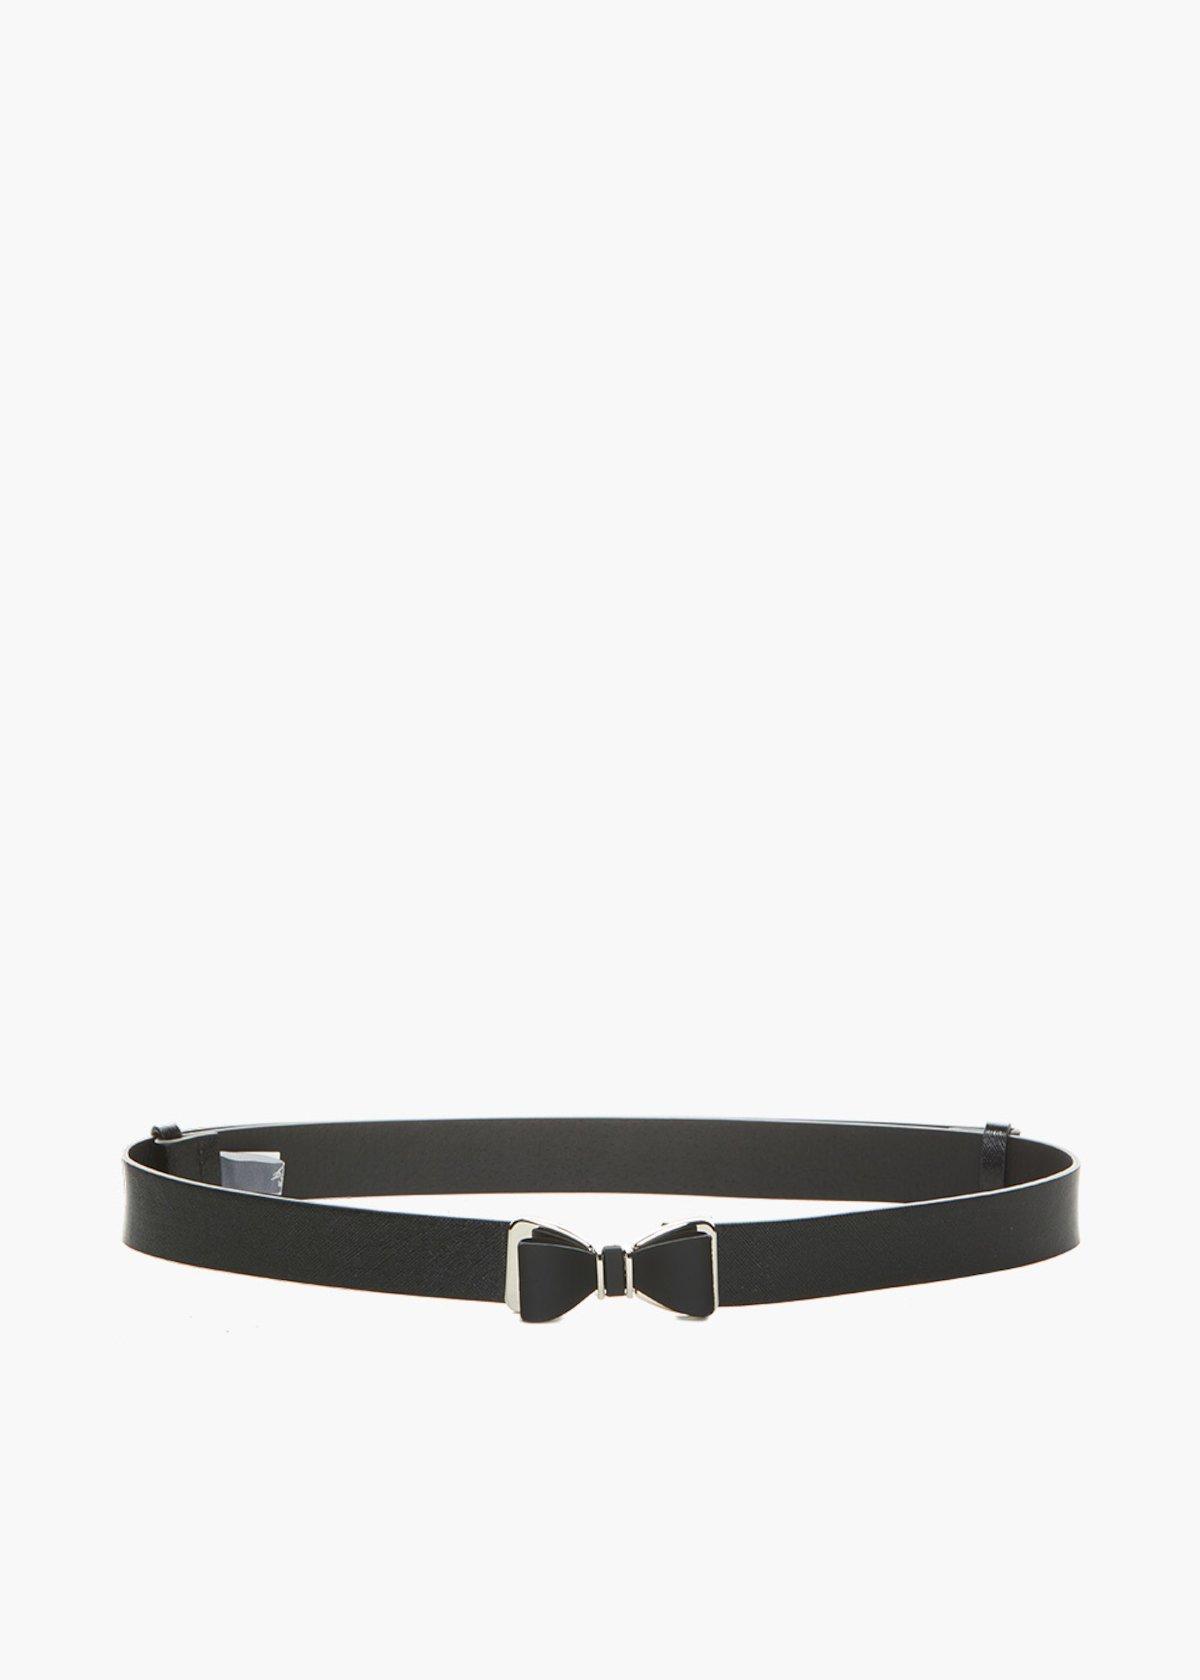 Cintura Cristy in ecopelle saffiano con chiusura fiocco - Black - Donna